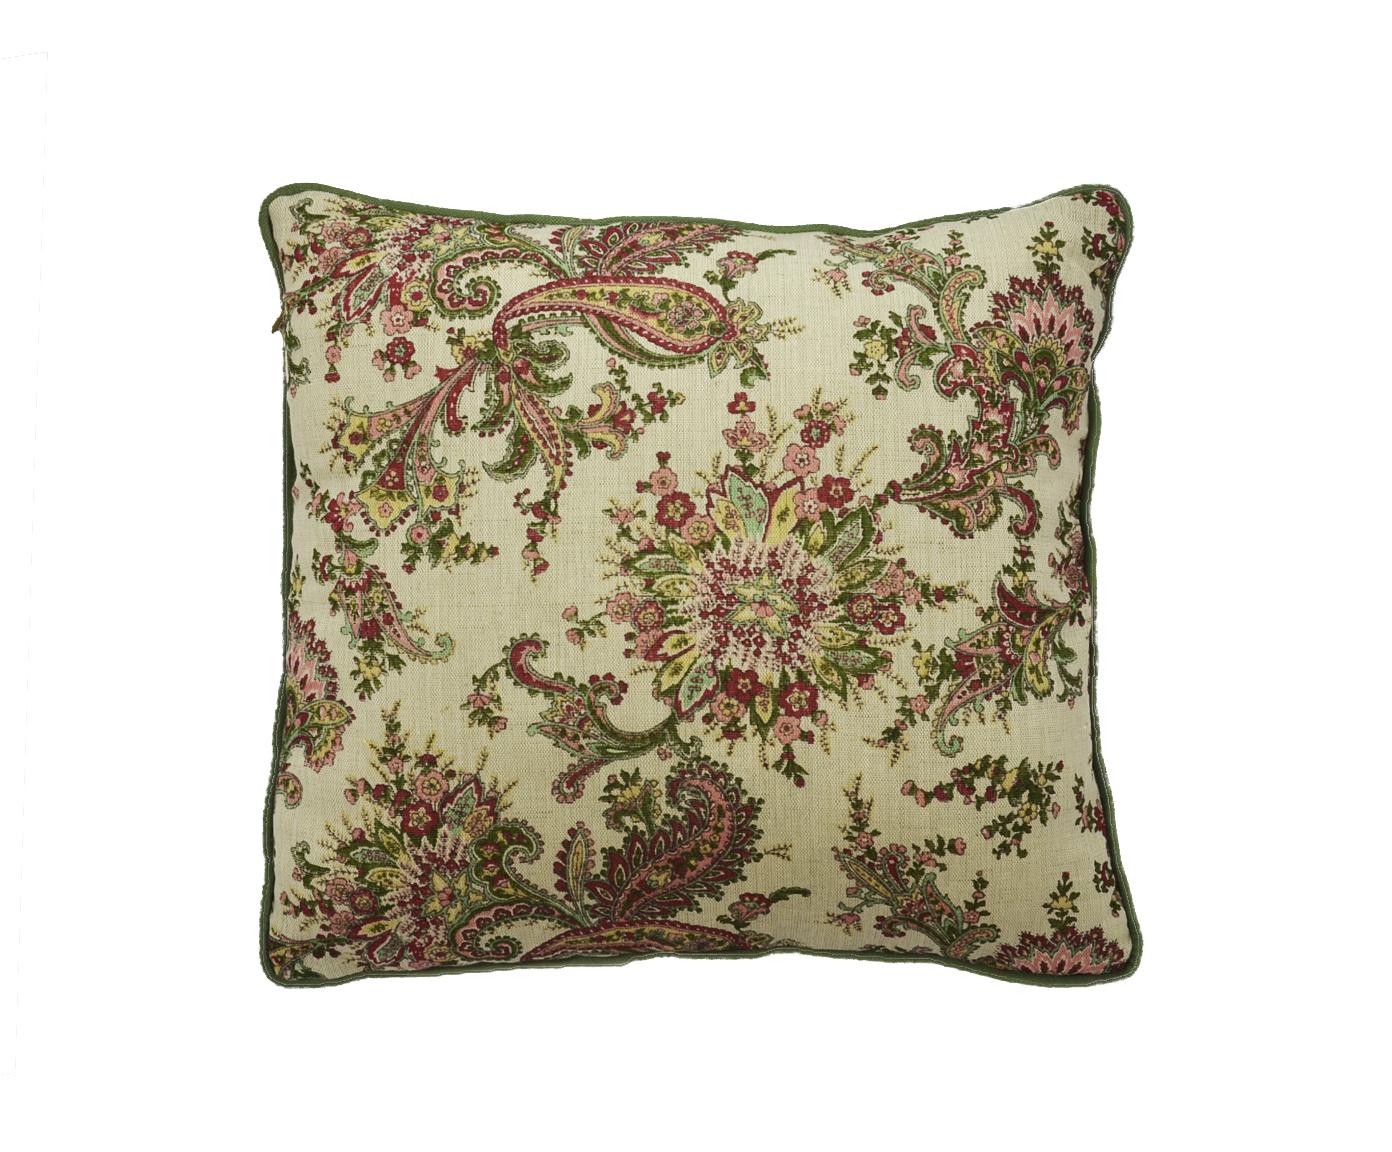 Подушка Лен бордоКвадратные подушки и наволочки<br>Декоративная  подушка .Чехол съемный.<br><br>Material: Хлопок<br>Width см: 45<br>Depth см: 15<br>Height см: 45